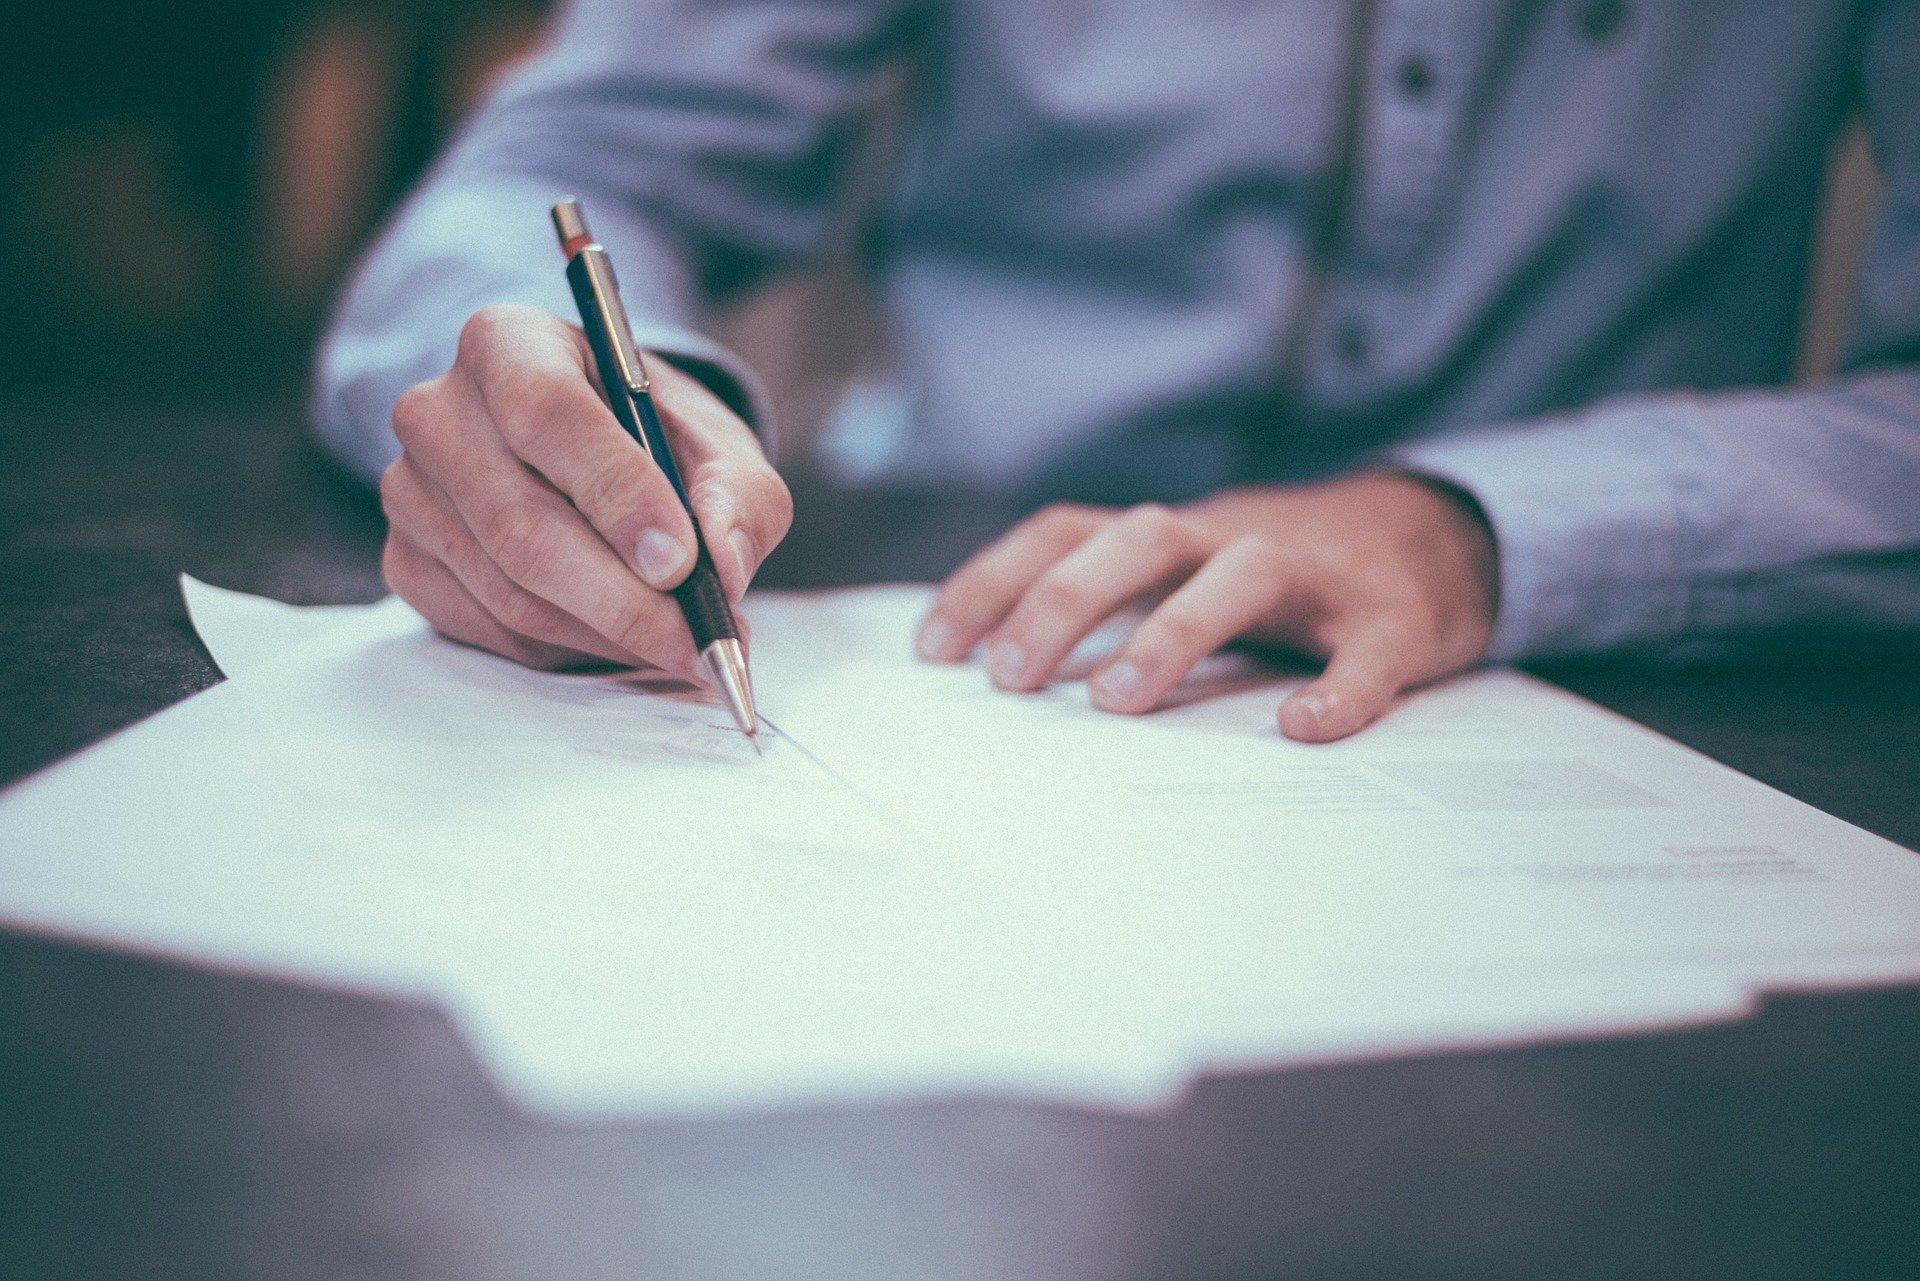 Interes w unieważnieniu postępowania jako interes w uzyskaniu zamówienia